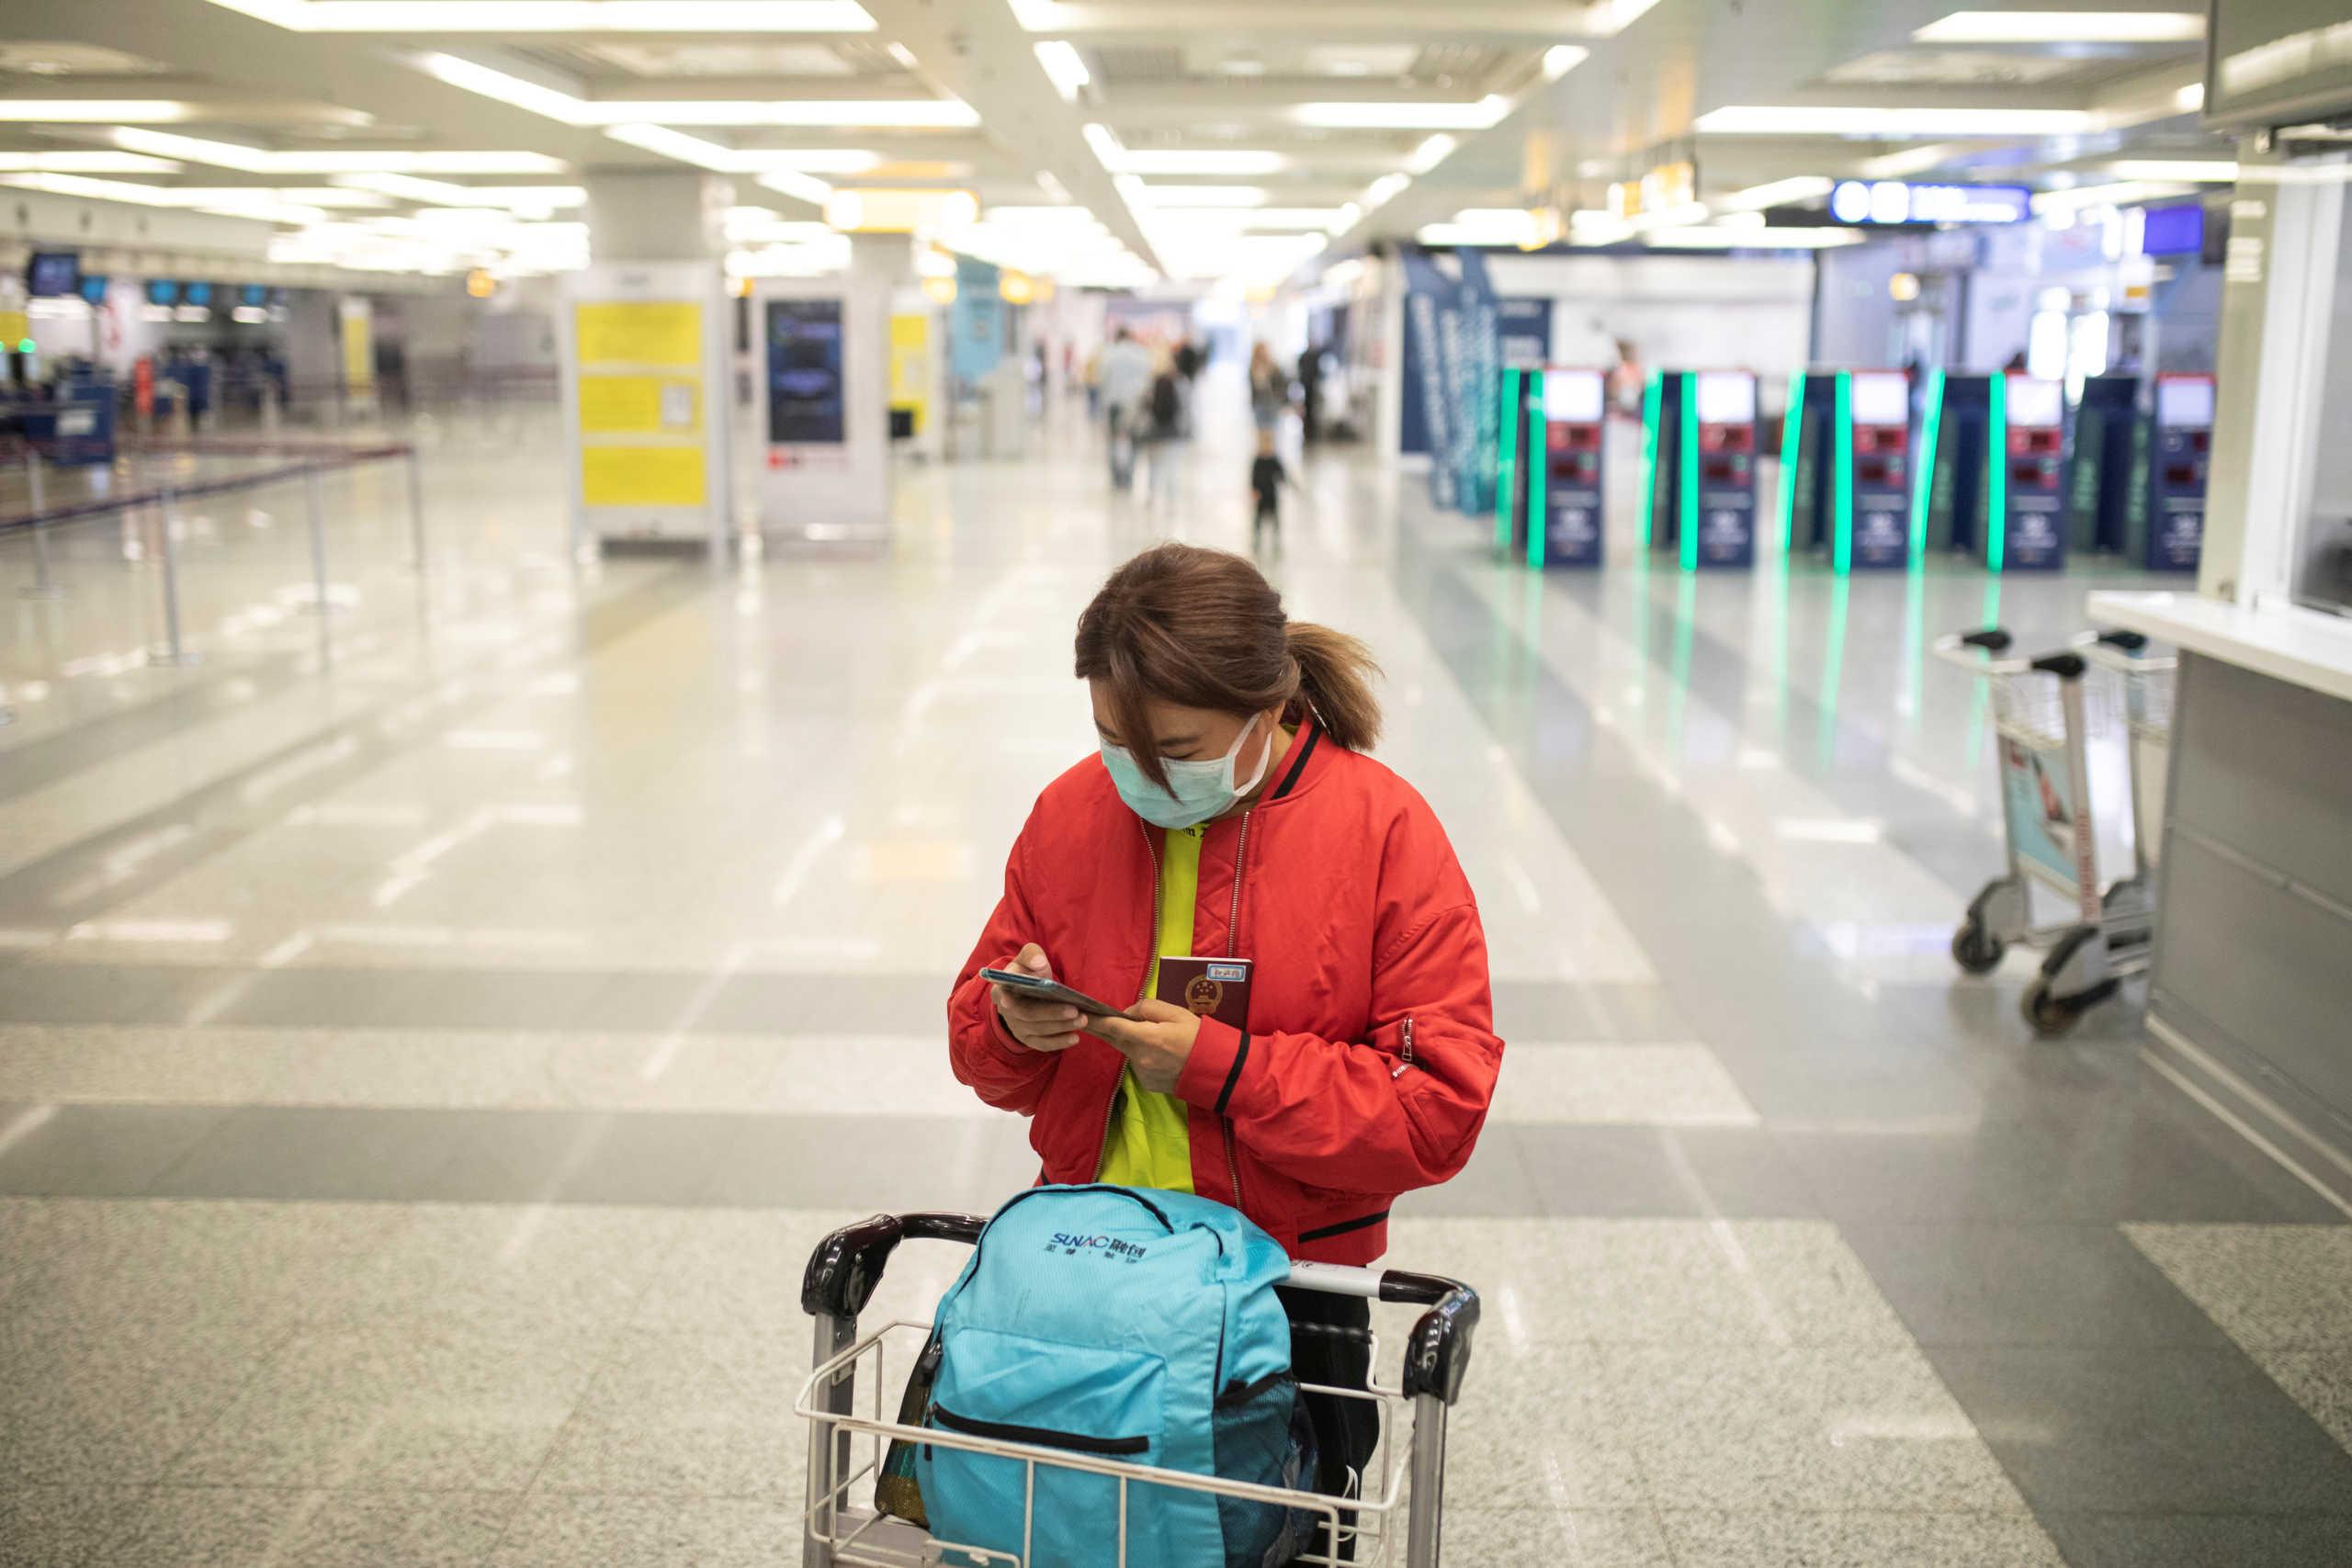 """Κορονοϊός: Εφαρμογή στα κινητά στην Πολωνία """"μαρτυράει"""" αν δεν τηρείται η καραντίνα"""